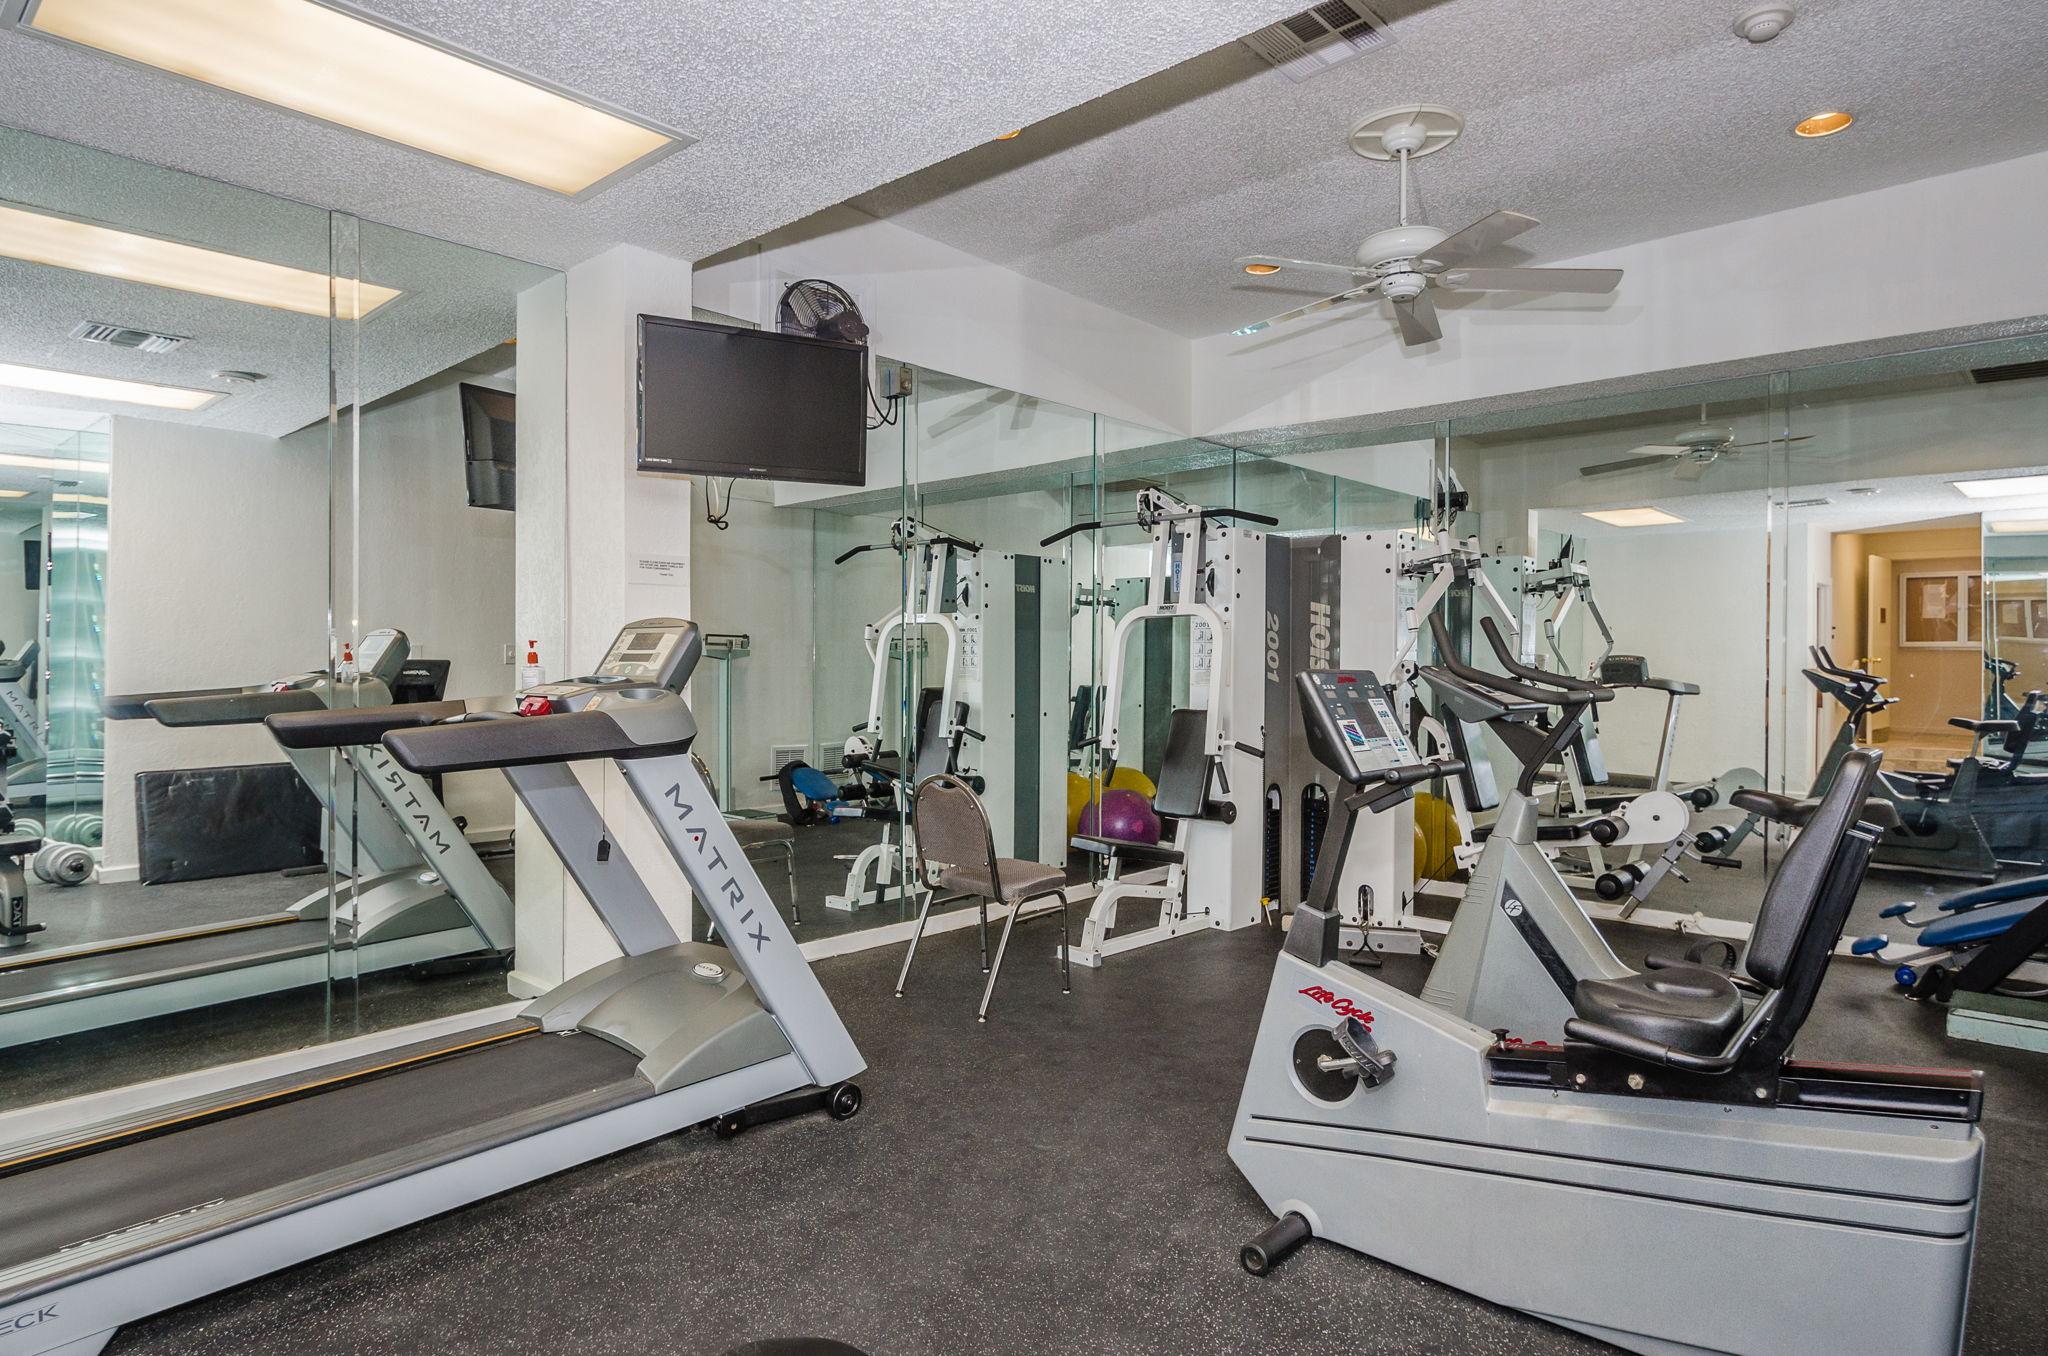 7-Sand  Key Club Beach Exercise Room